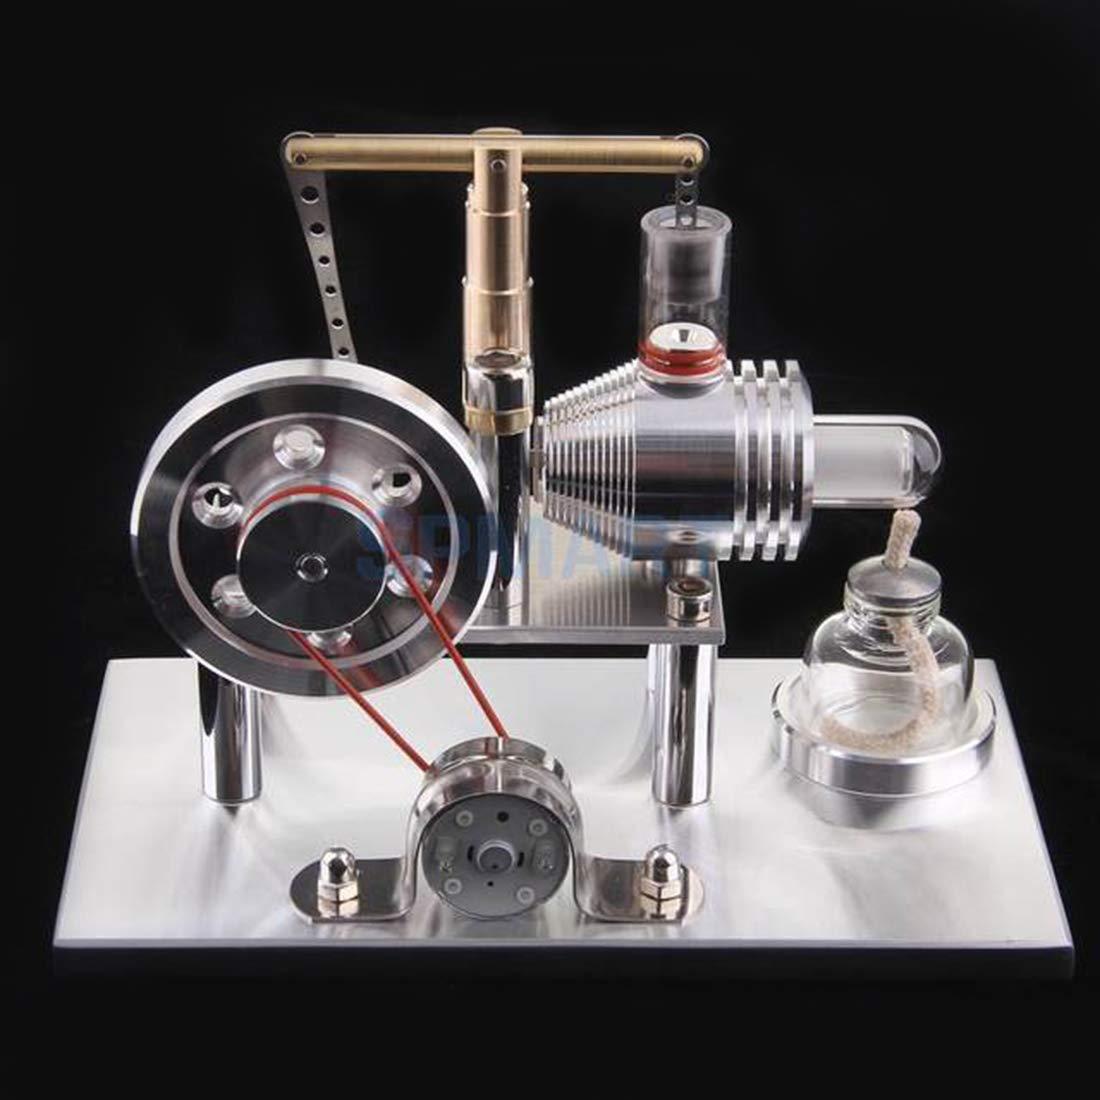 Giplar Gleichgewicht Stirling Generator Bildungsmodell ...